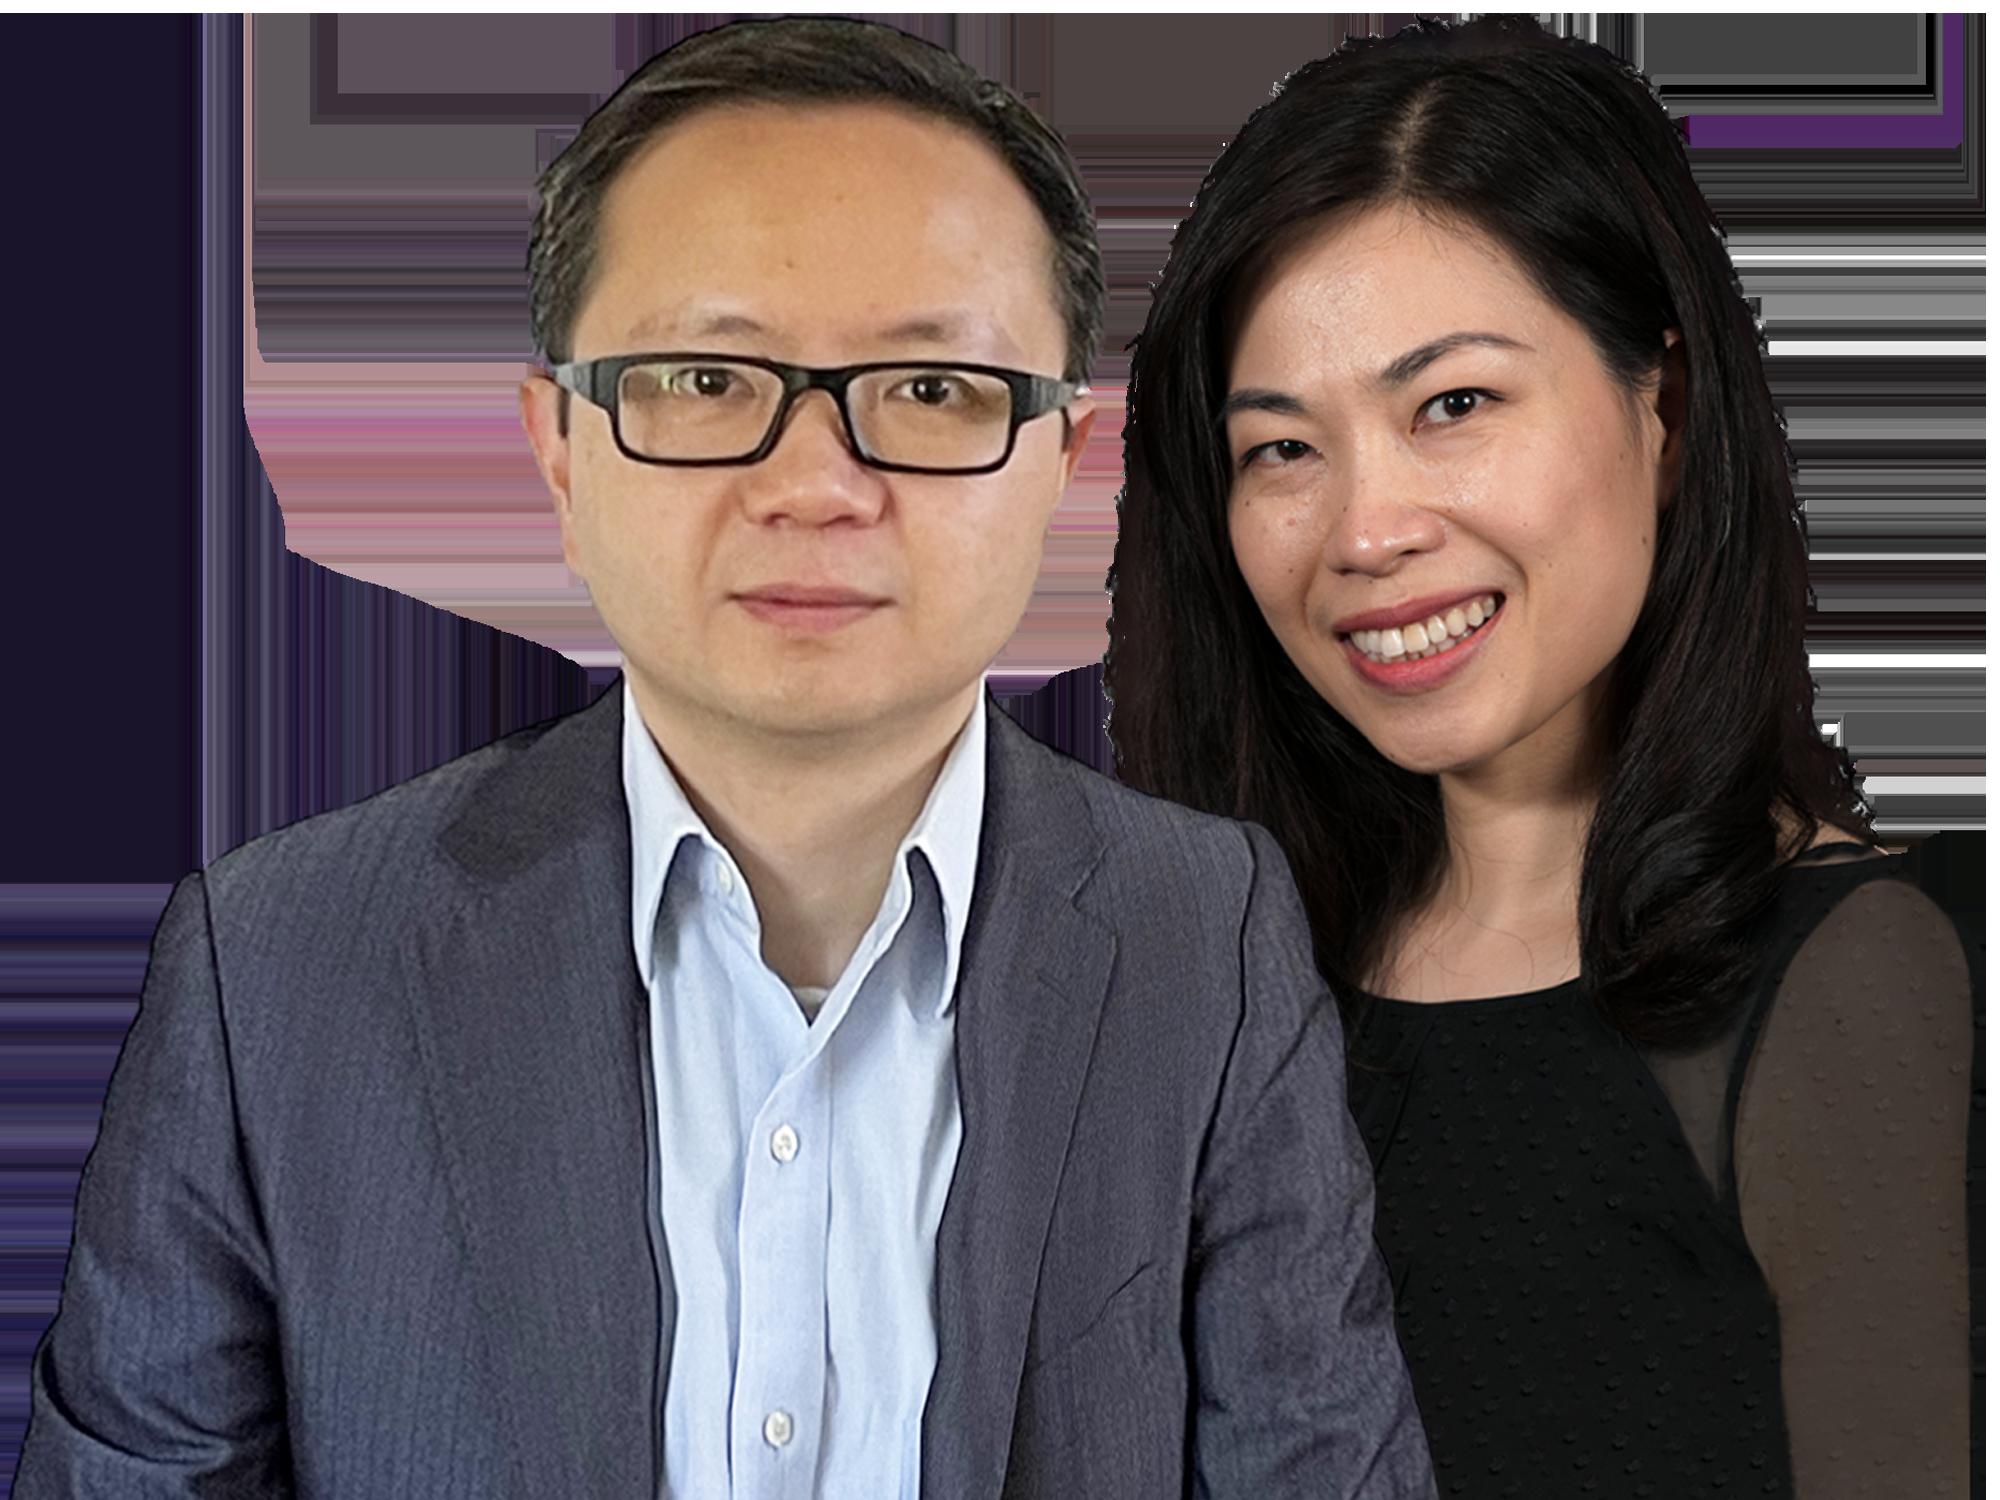 唐洛瑞(Lori Tang)博士和永超(Yong Chao)博士